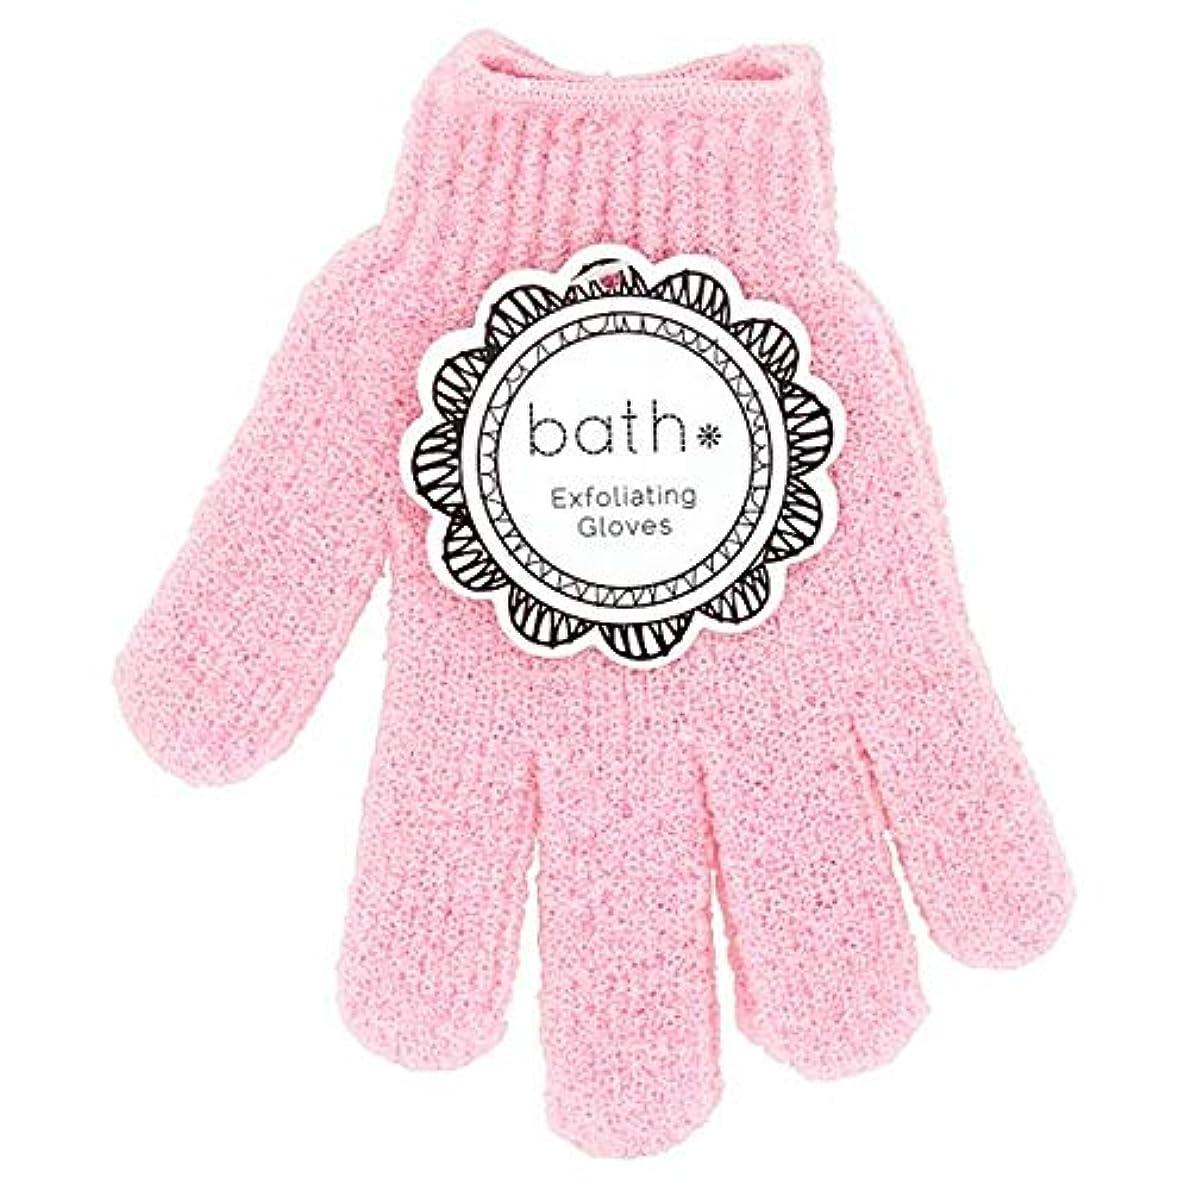 溶岩シダ建築[Bath Essentials] 手袋を剥離風呂の必需品 - Bath Essentials Exfoliating Gloves [並行輸入品]